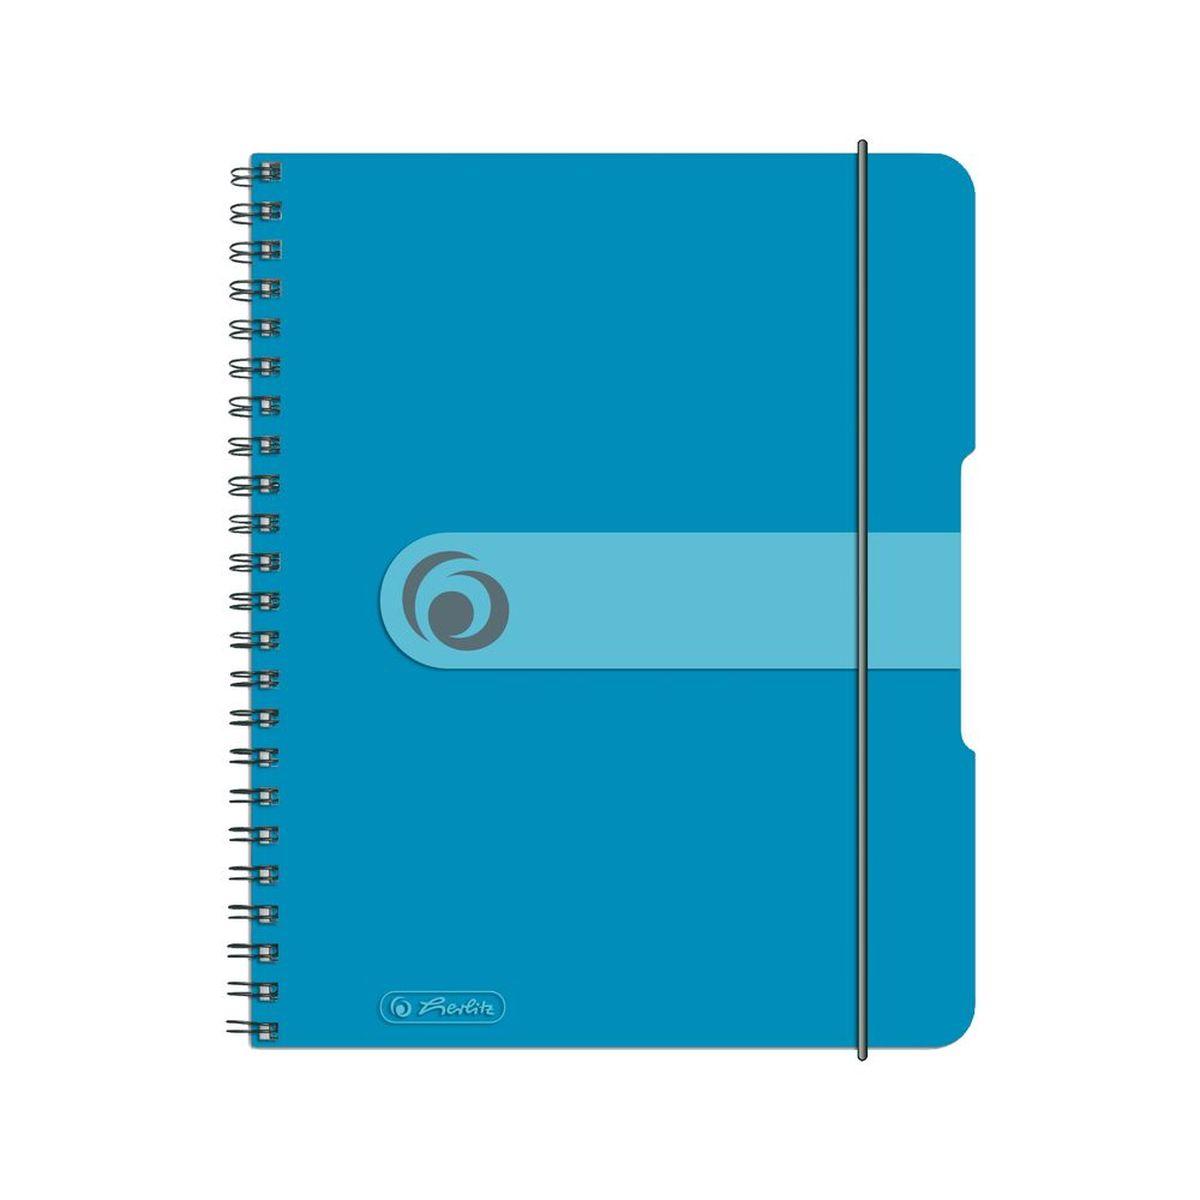 Herlitz Блокнот Easy Orga To Go 80 листов в клетку формат А5 цвет голубойC13S400035Удобный блокнот от Herlitz Easy Orga To Go - незаменимый атрибут современного человека, необходимый для рабочих или школьных записей.Блокнот содержит 80 листов формата А5 в клетку без полей. Обложка выполнена из качественного полипропилена. Внутренний спиральный блок изготовлен из металла и гарантирует надежное крепление листов. Блокнот имеет закругленные углы и нежный дизайн бордового цвета.Блокнот для записей от Herlitz Easy Orga To Go станет достойным аксессуаром среди ваших канцелярских принадлежностей. Это отличный подарок как коллеге или деловому партнеру, так и близким людям.